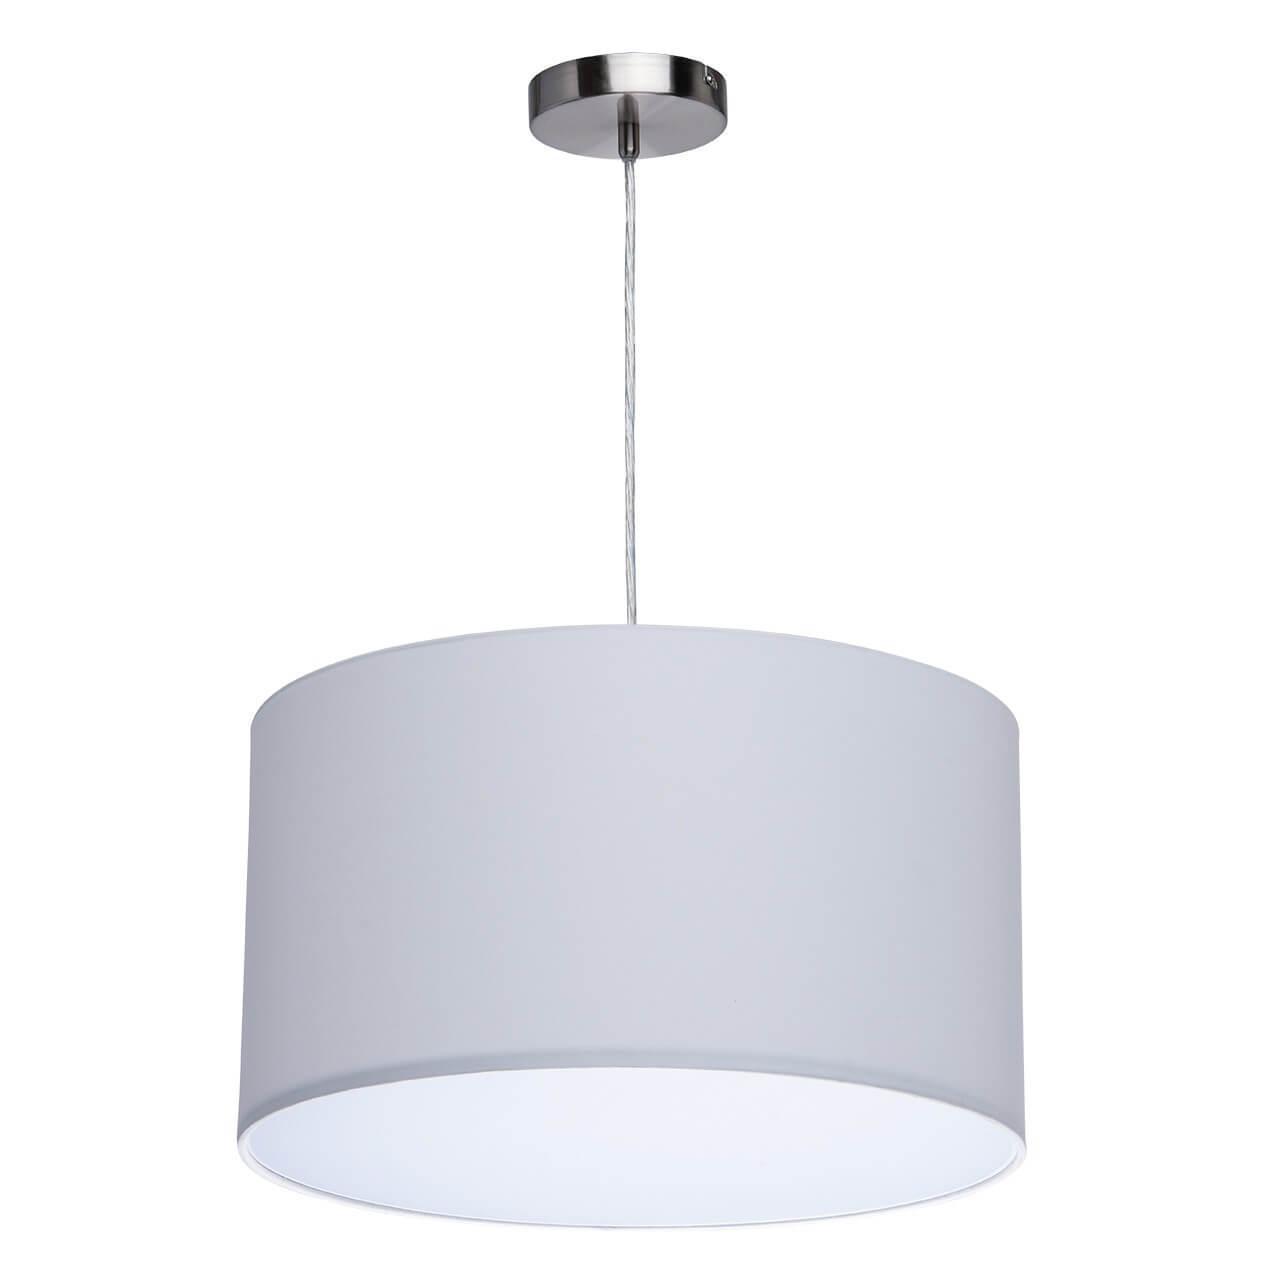 Подвесной светильник De Markt 453011003, E27, 60 Вт